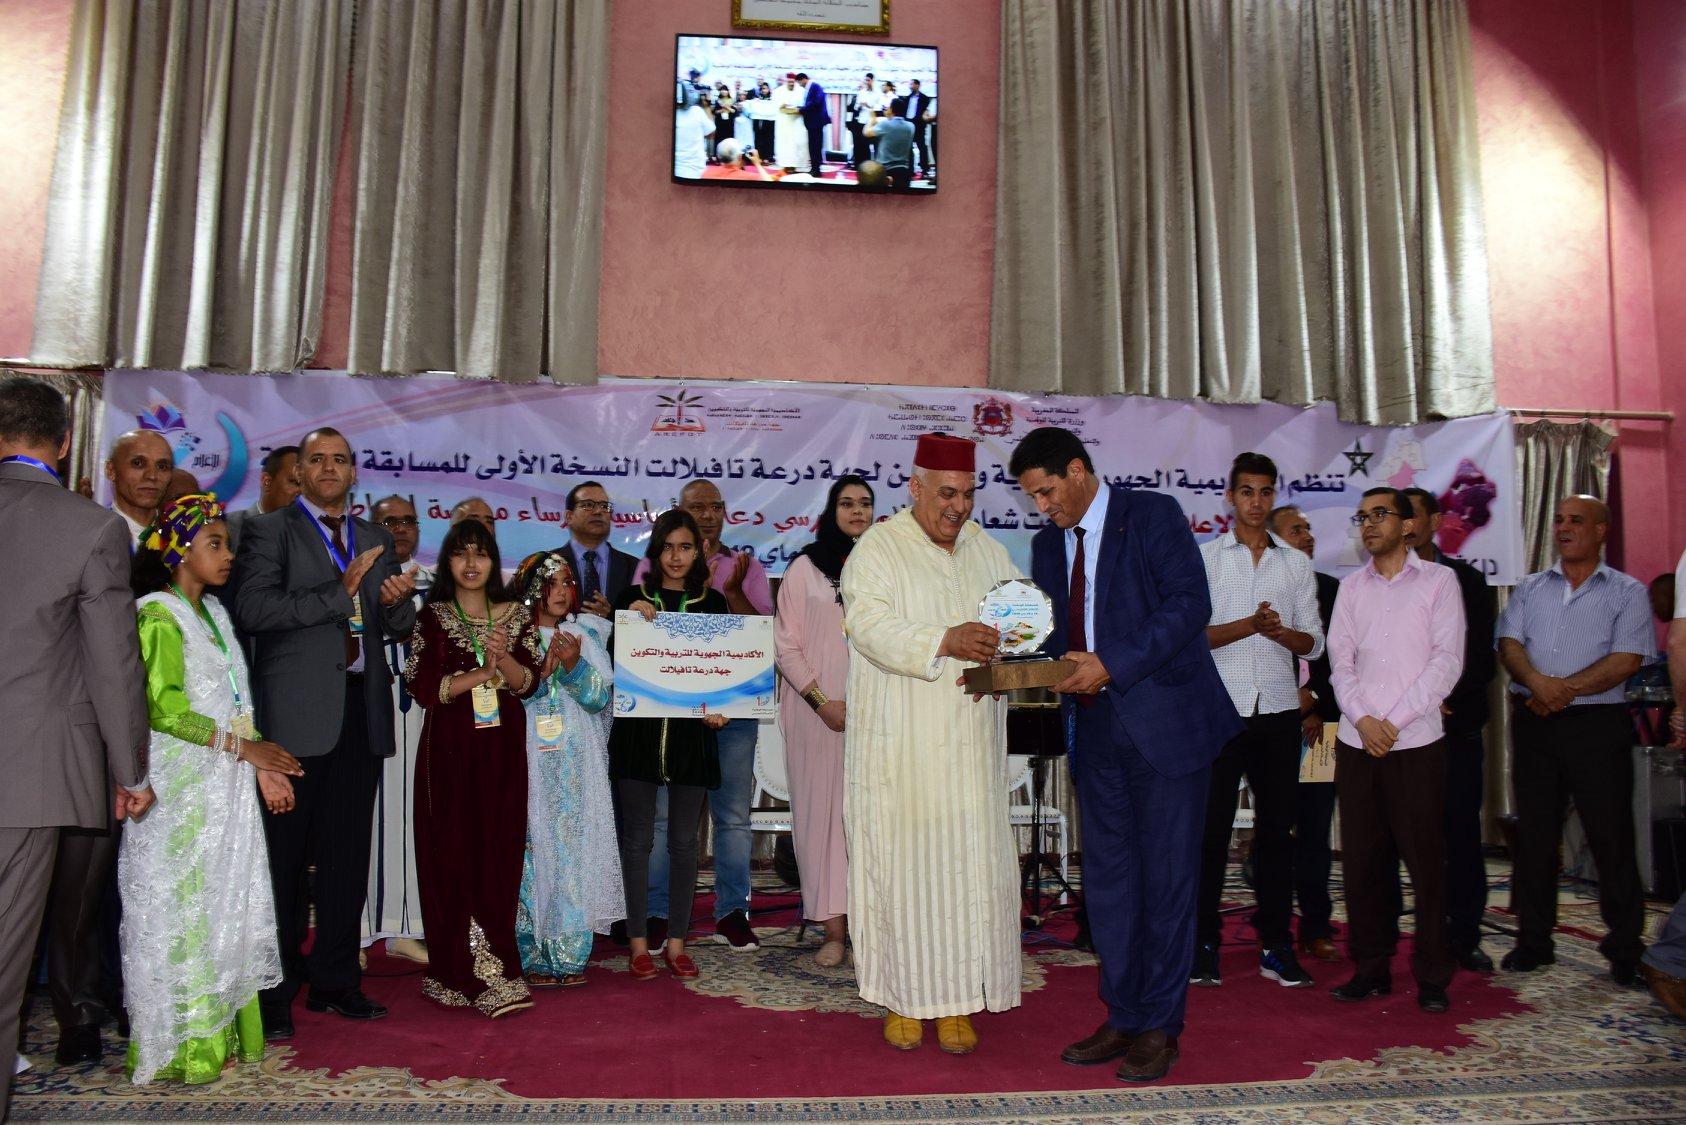 اختتام المسابقة الوطنية حول الإعلام المدرسي بفوز العديد من المستويات الدراسية